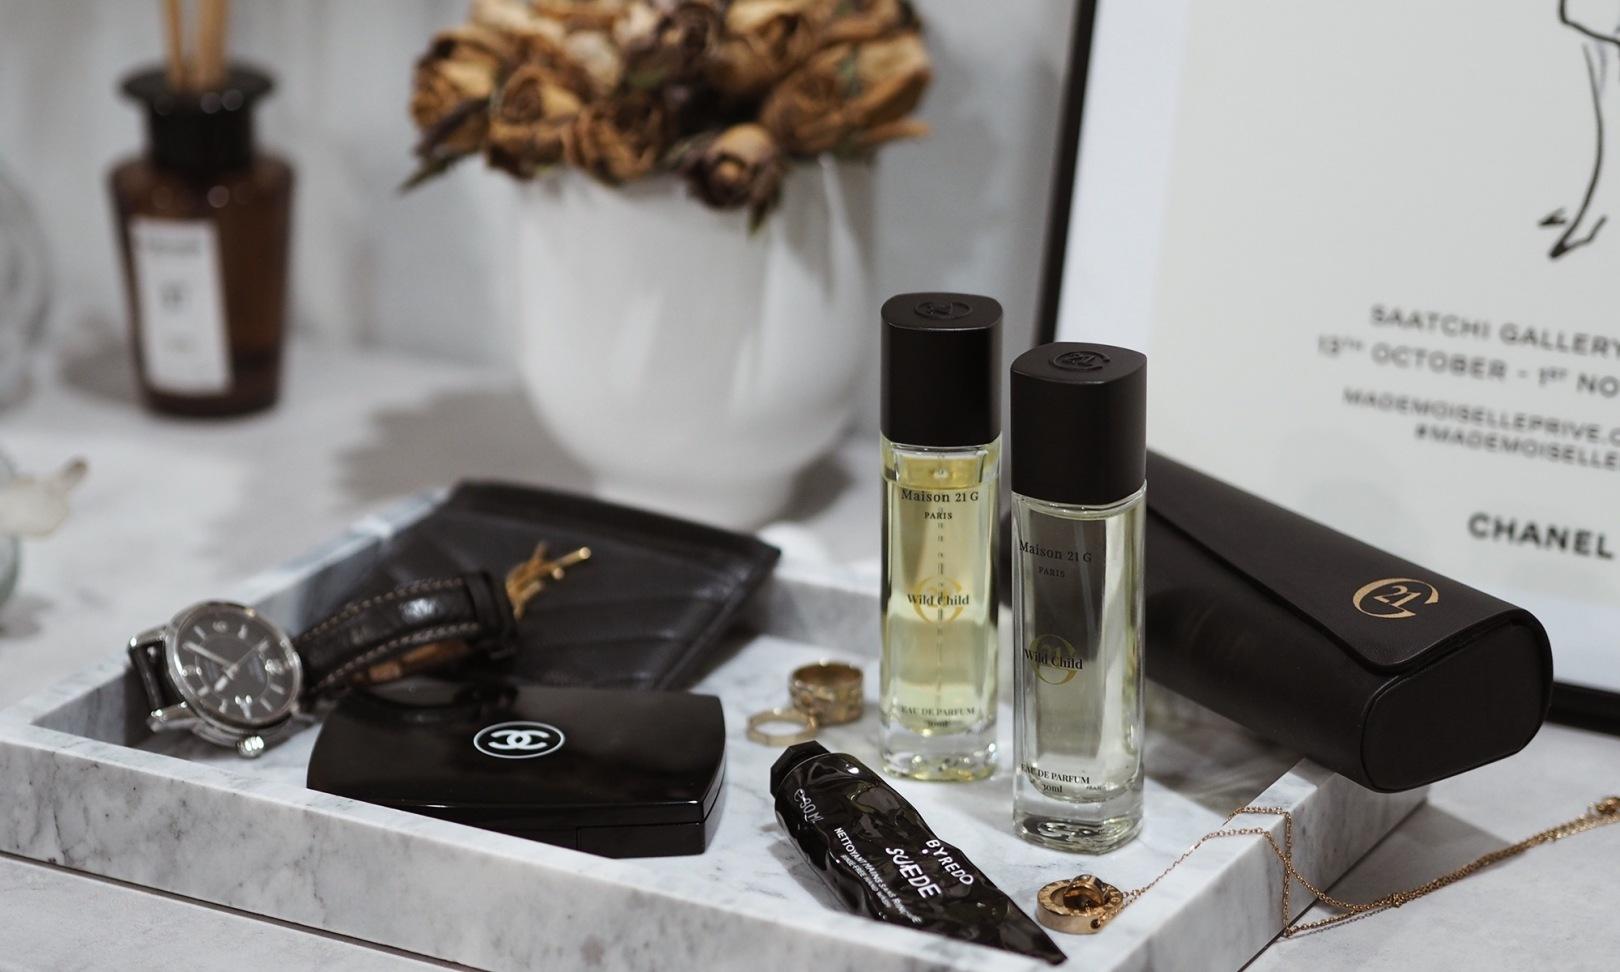 Maison 21G eaux de parfum with a leatherette case - WILDCHILD